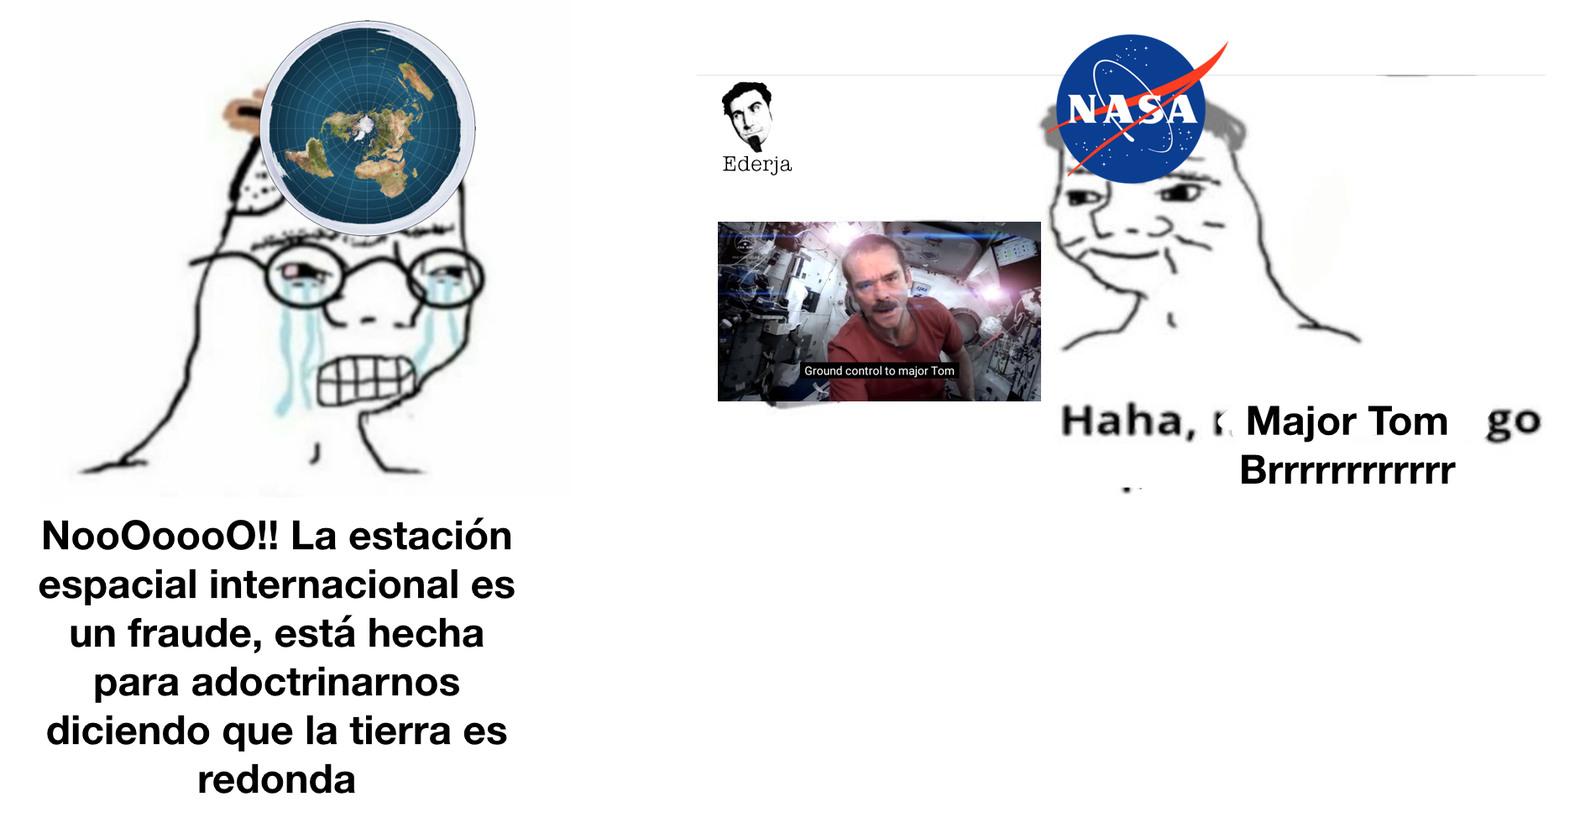 Chris Hadfield hizo un vídeo cantando Space Oddity (muy buena canción) en la Estación Espacial Internacional - meme